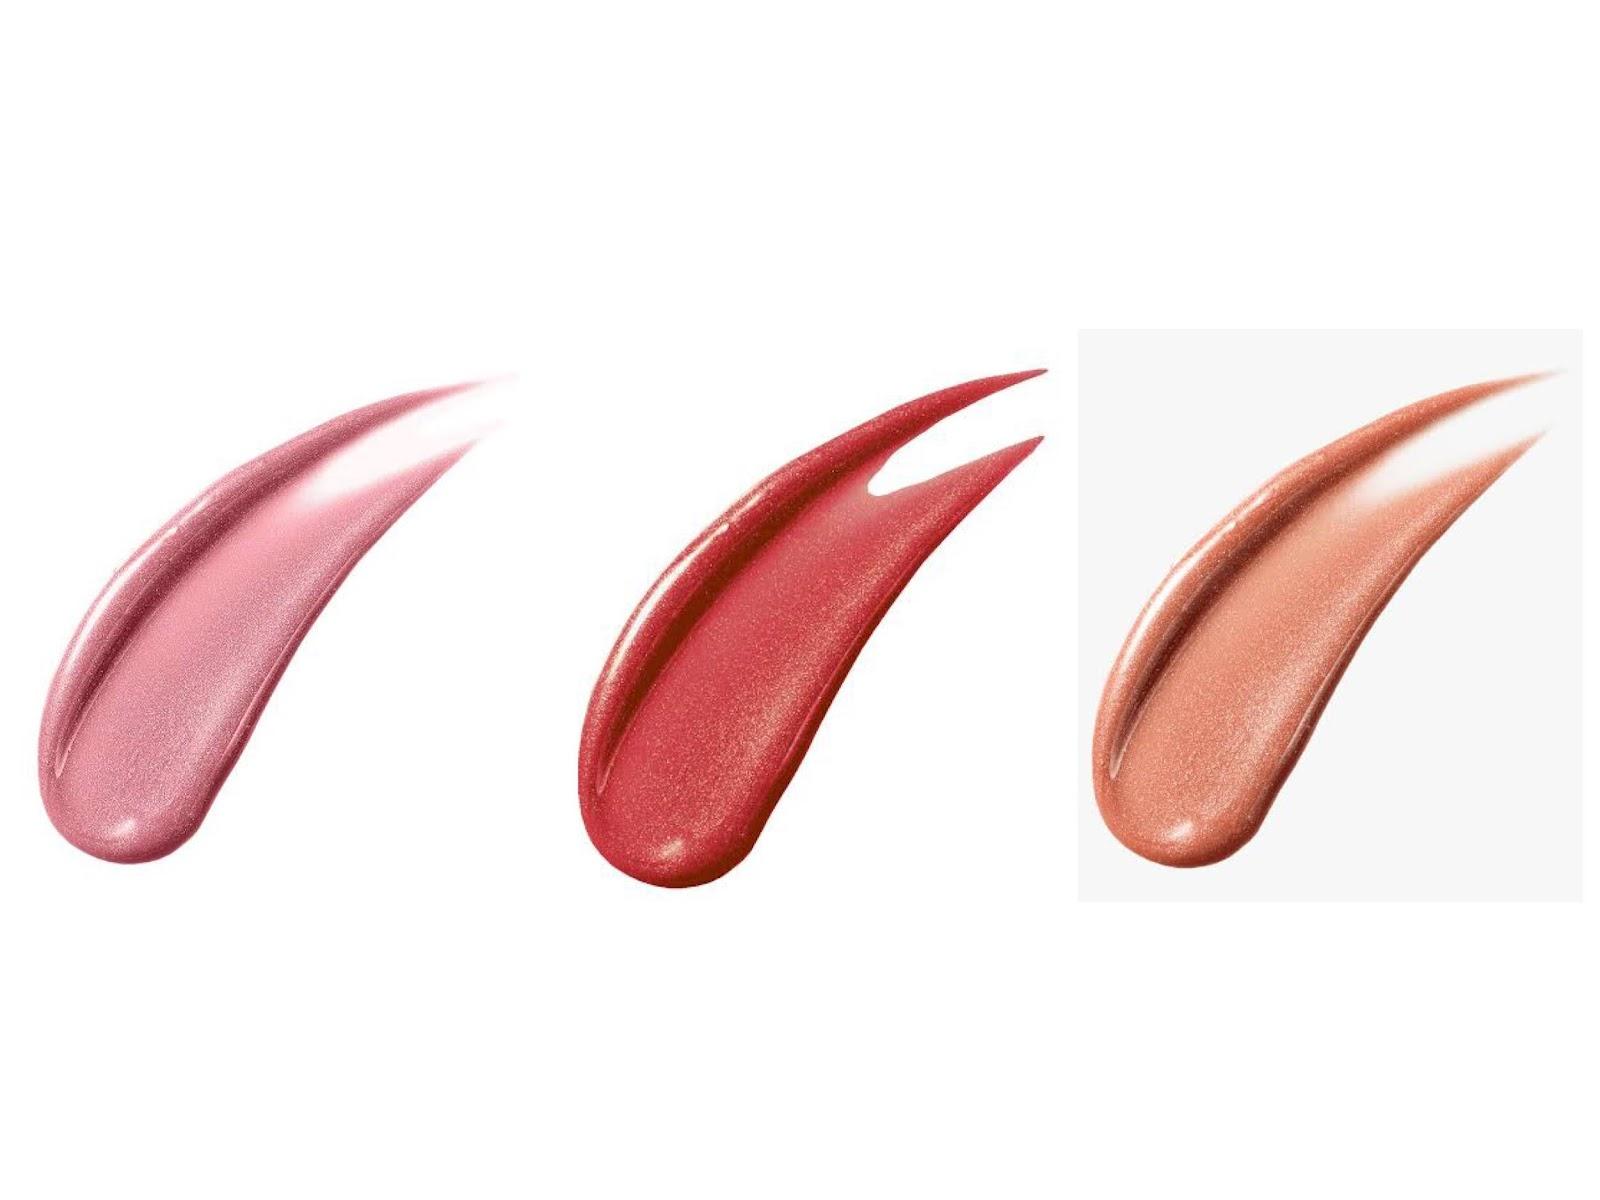 6. FENTY BEAUTY by Rihanna Gloss Bomb Universal Lip Luminizer 02